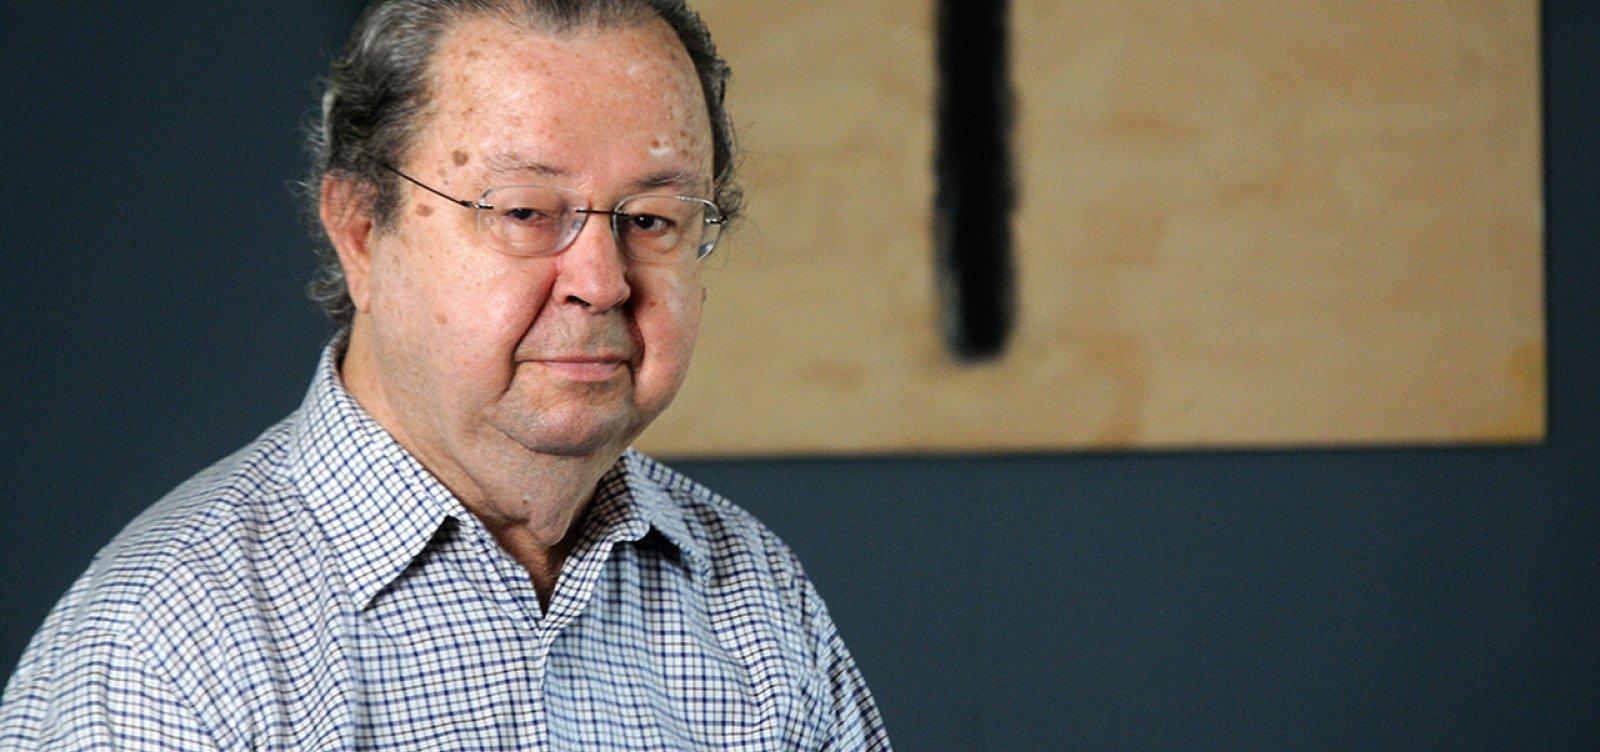 Morre Francisco Weffort, aos 84, ex-ministro da Cultura e intelectual brasileiro